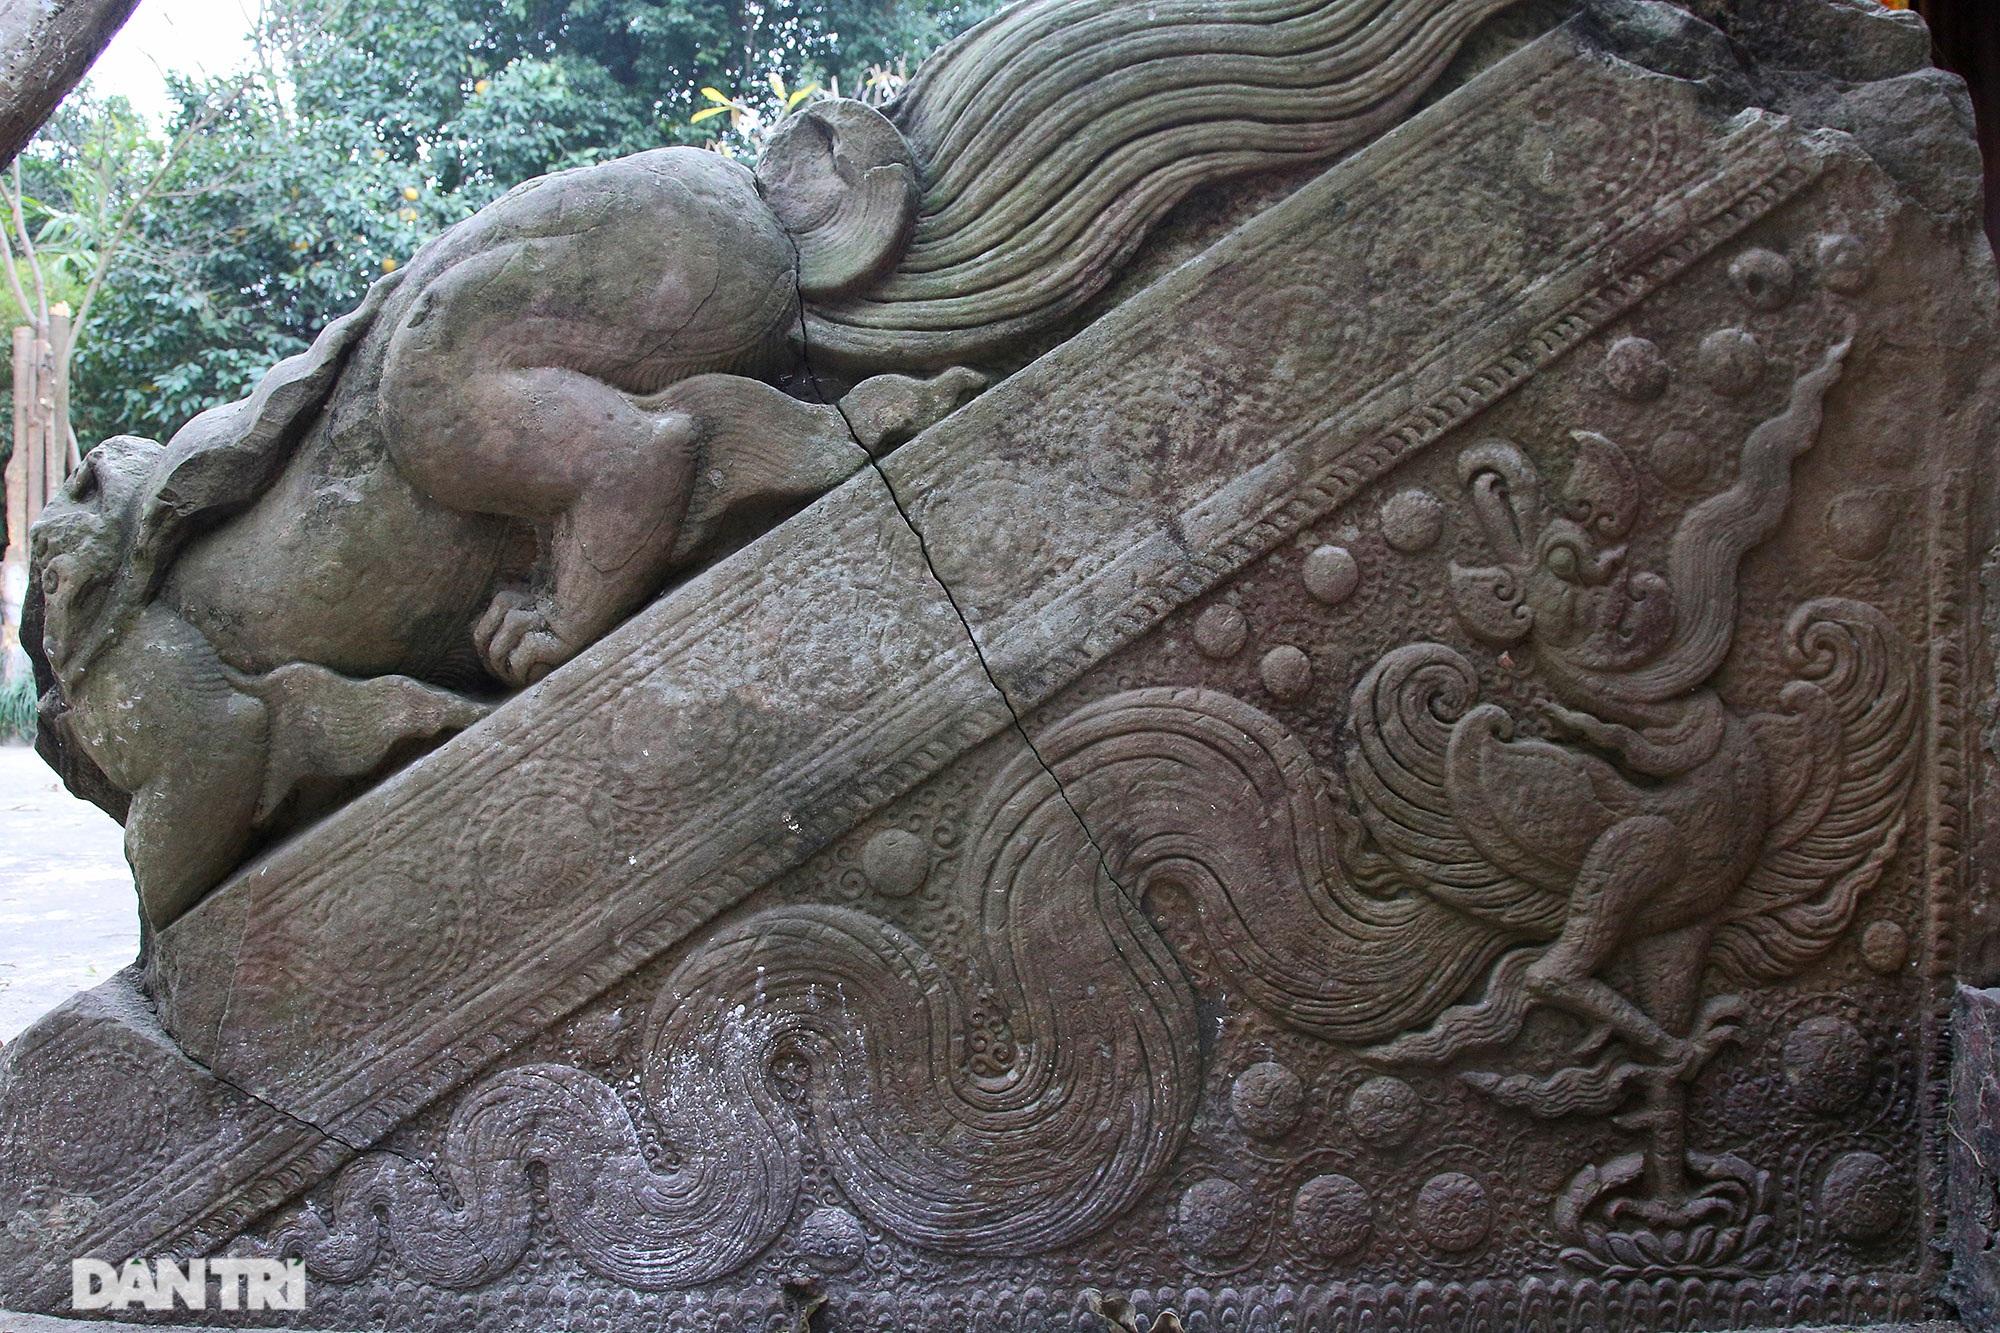 Heritage of massive stone sculpture at Huong Lang Pagoda - 3